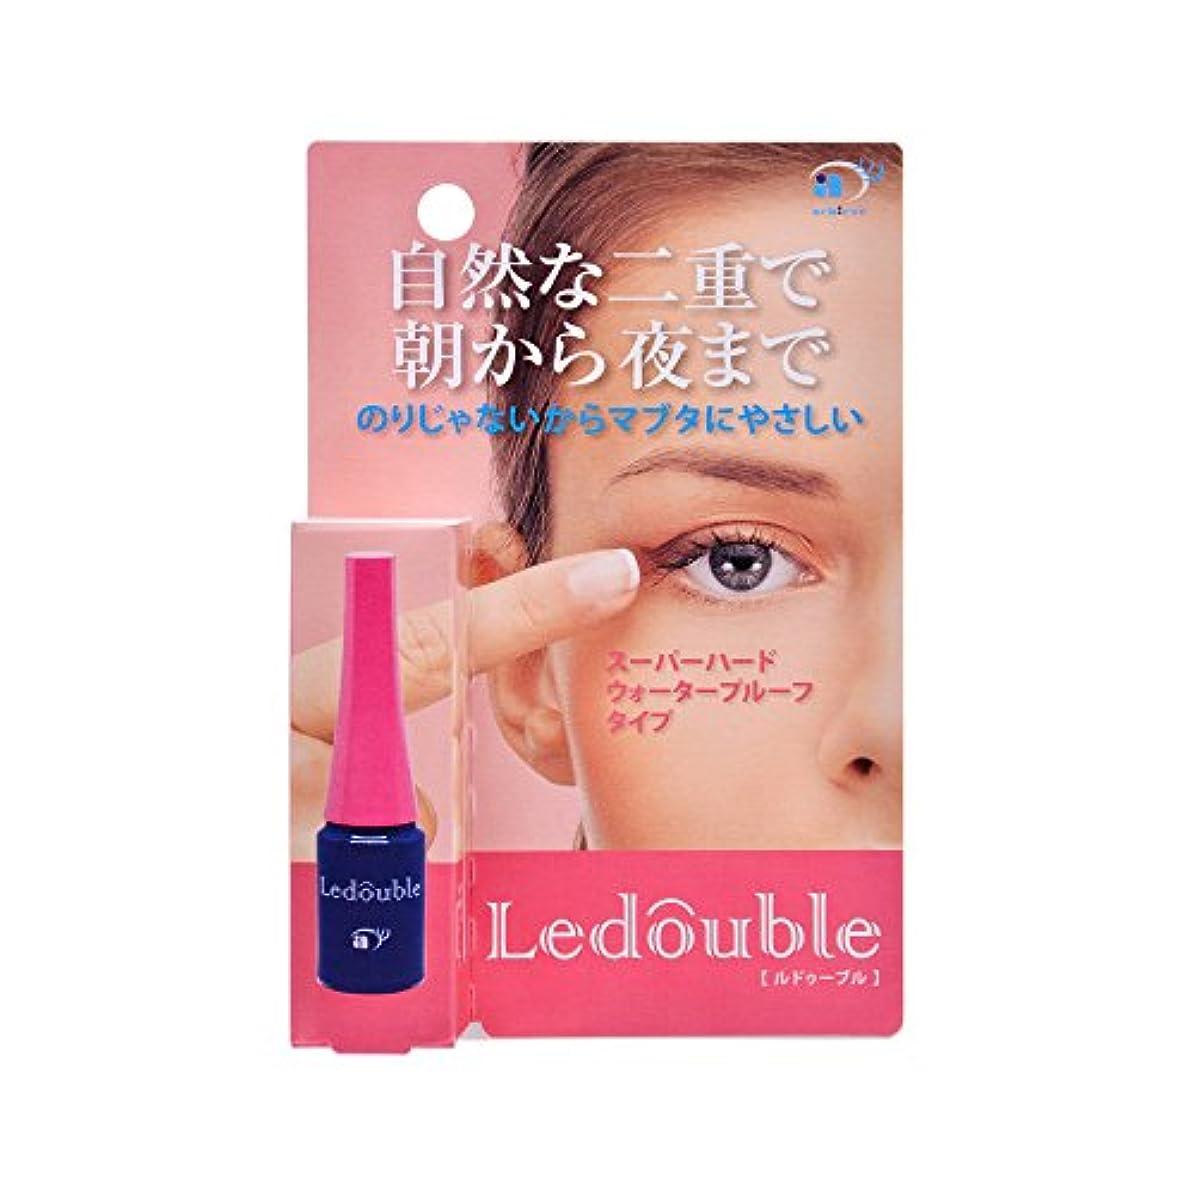 細分化する貫通頬Ledouble [ルドゥーブル] 二重まぶた化粧品 (2mL)